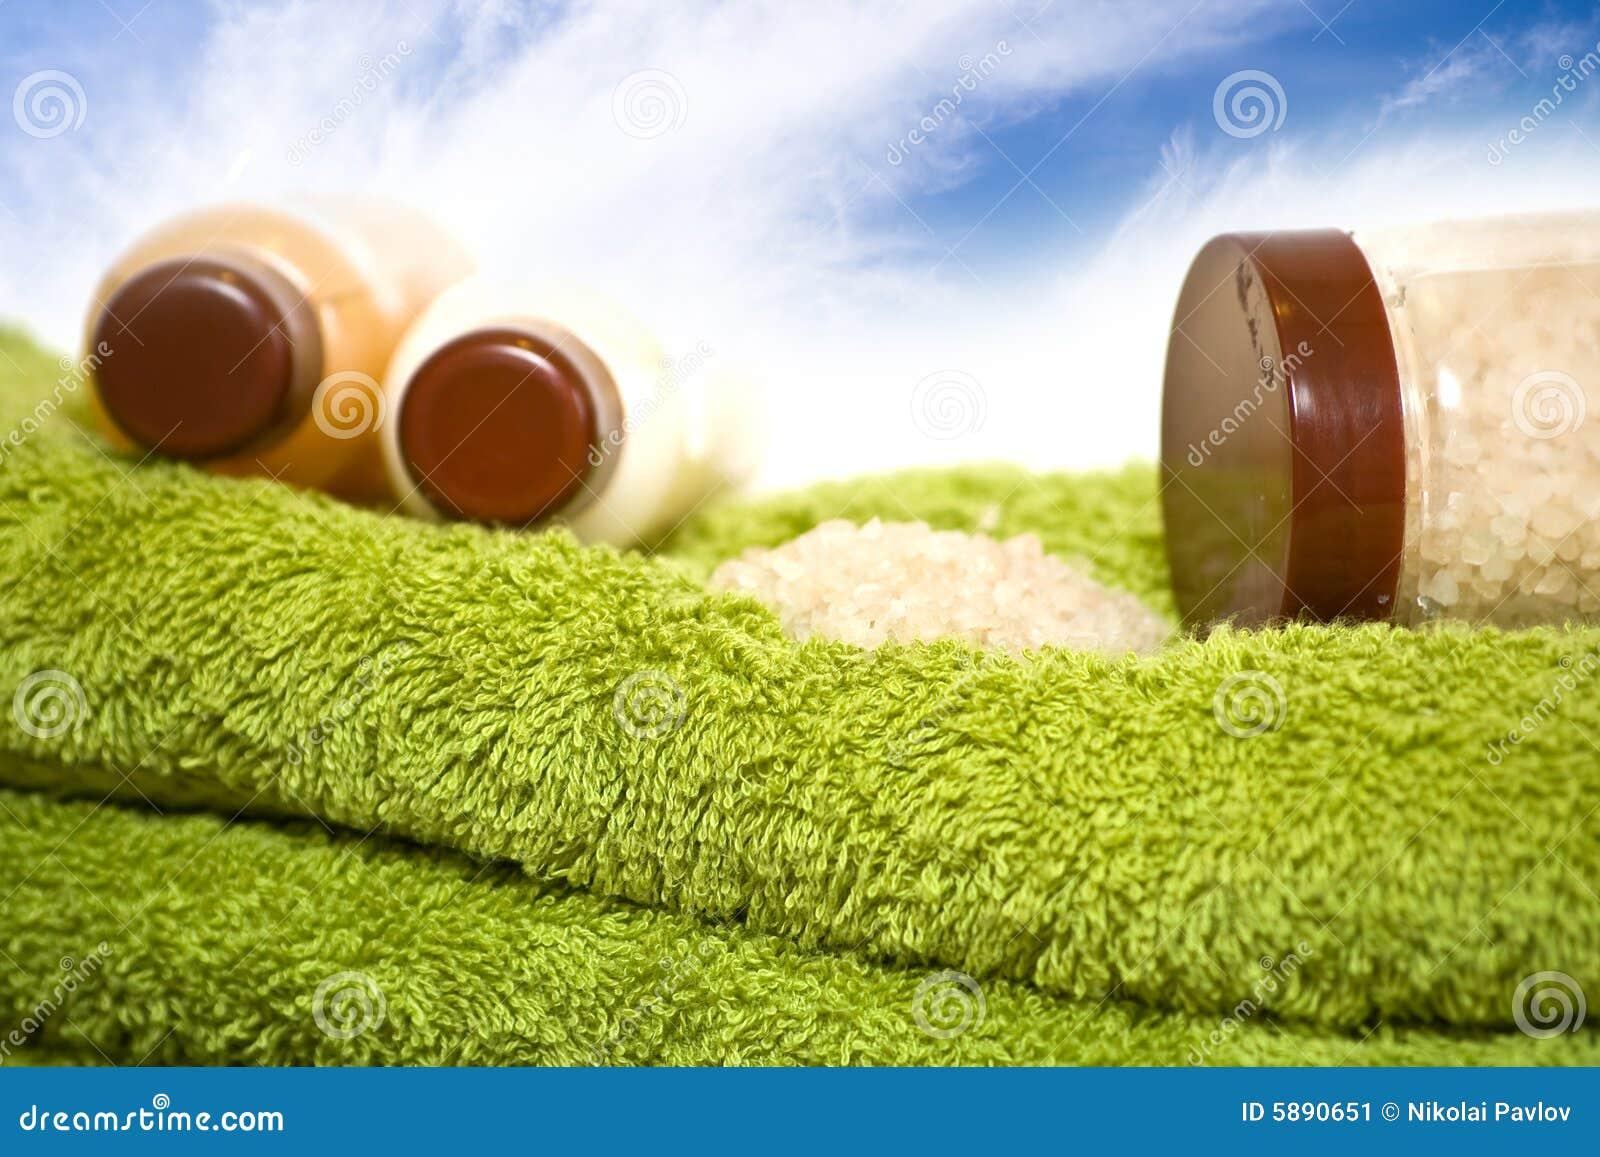 Kąpielowych ręczników butelki kremy soli